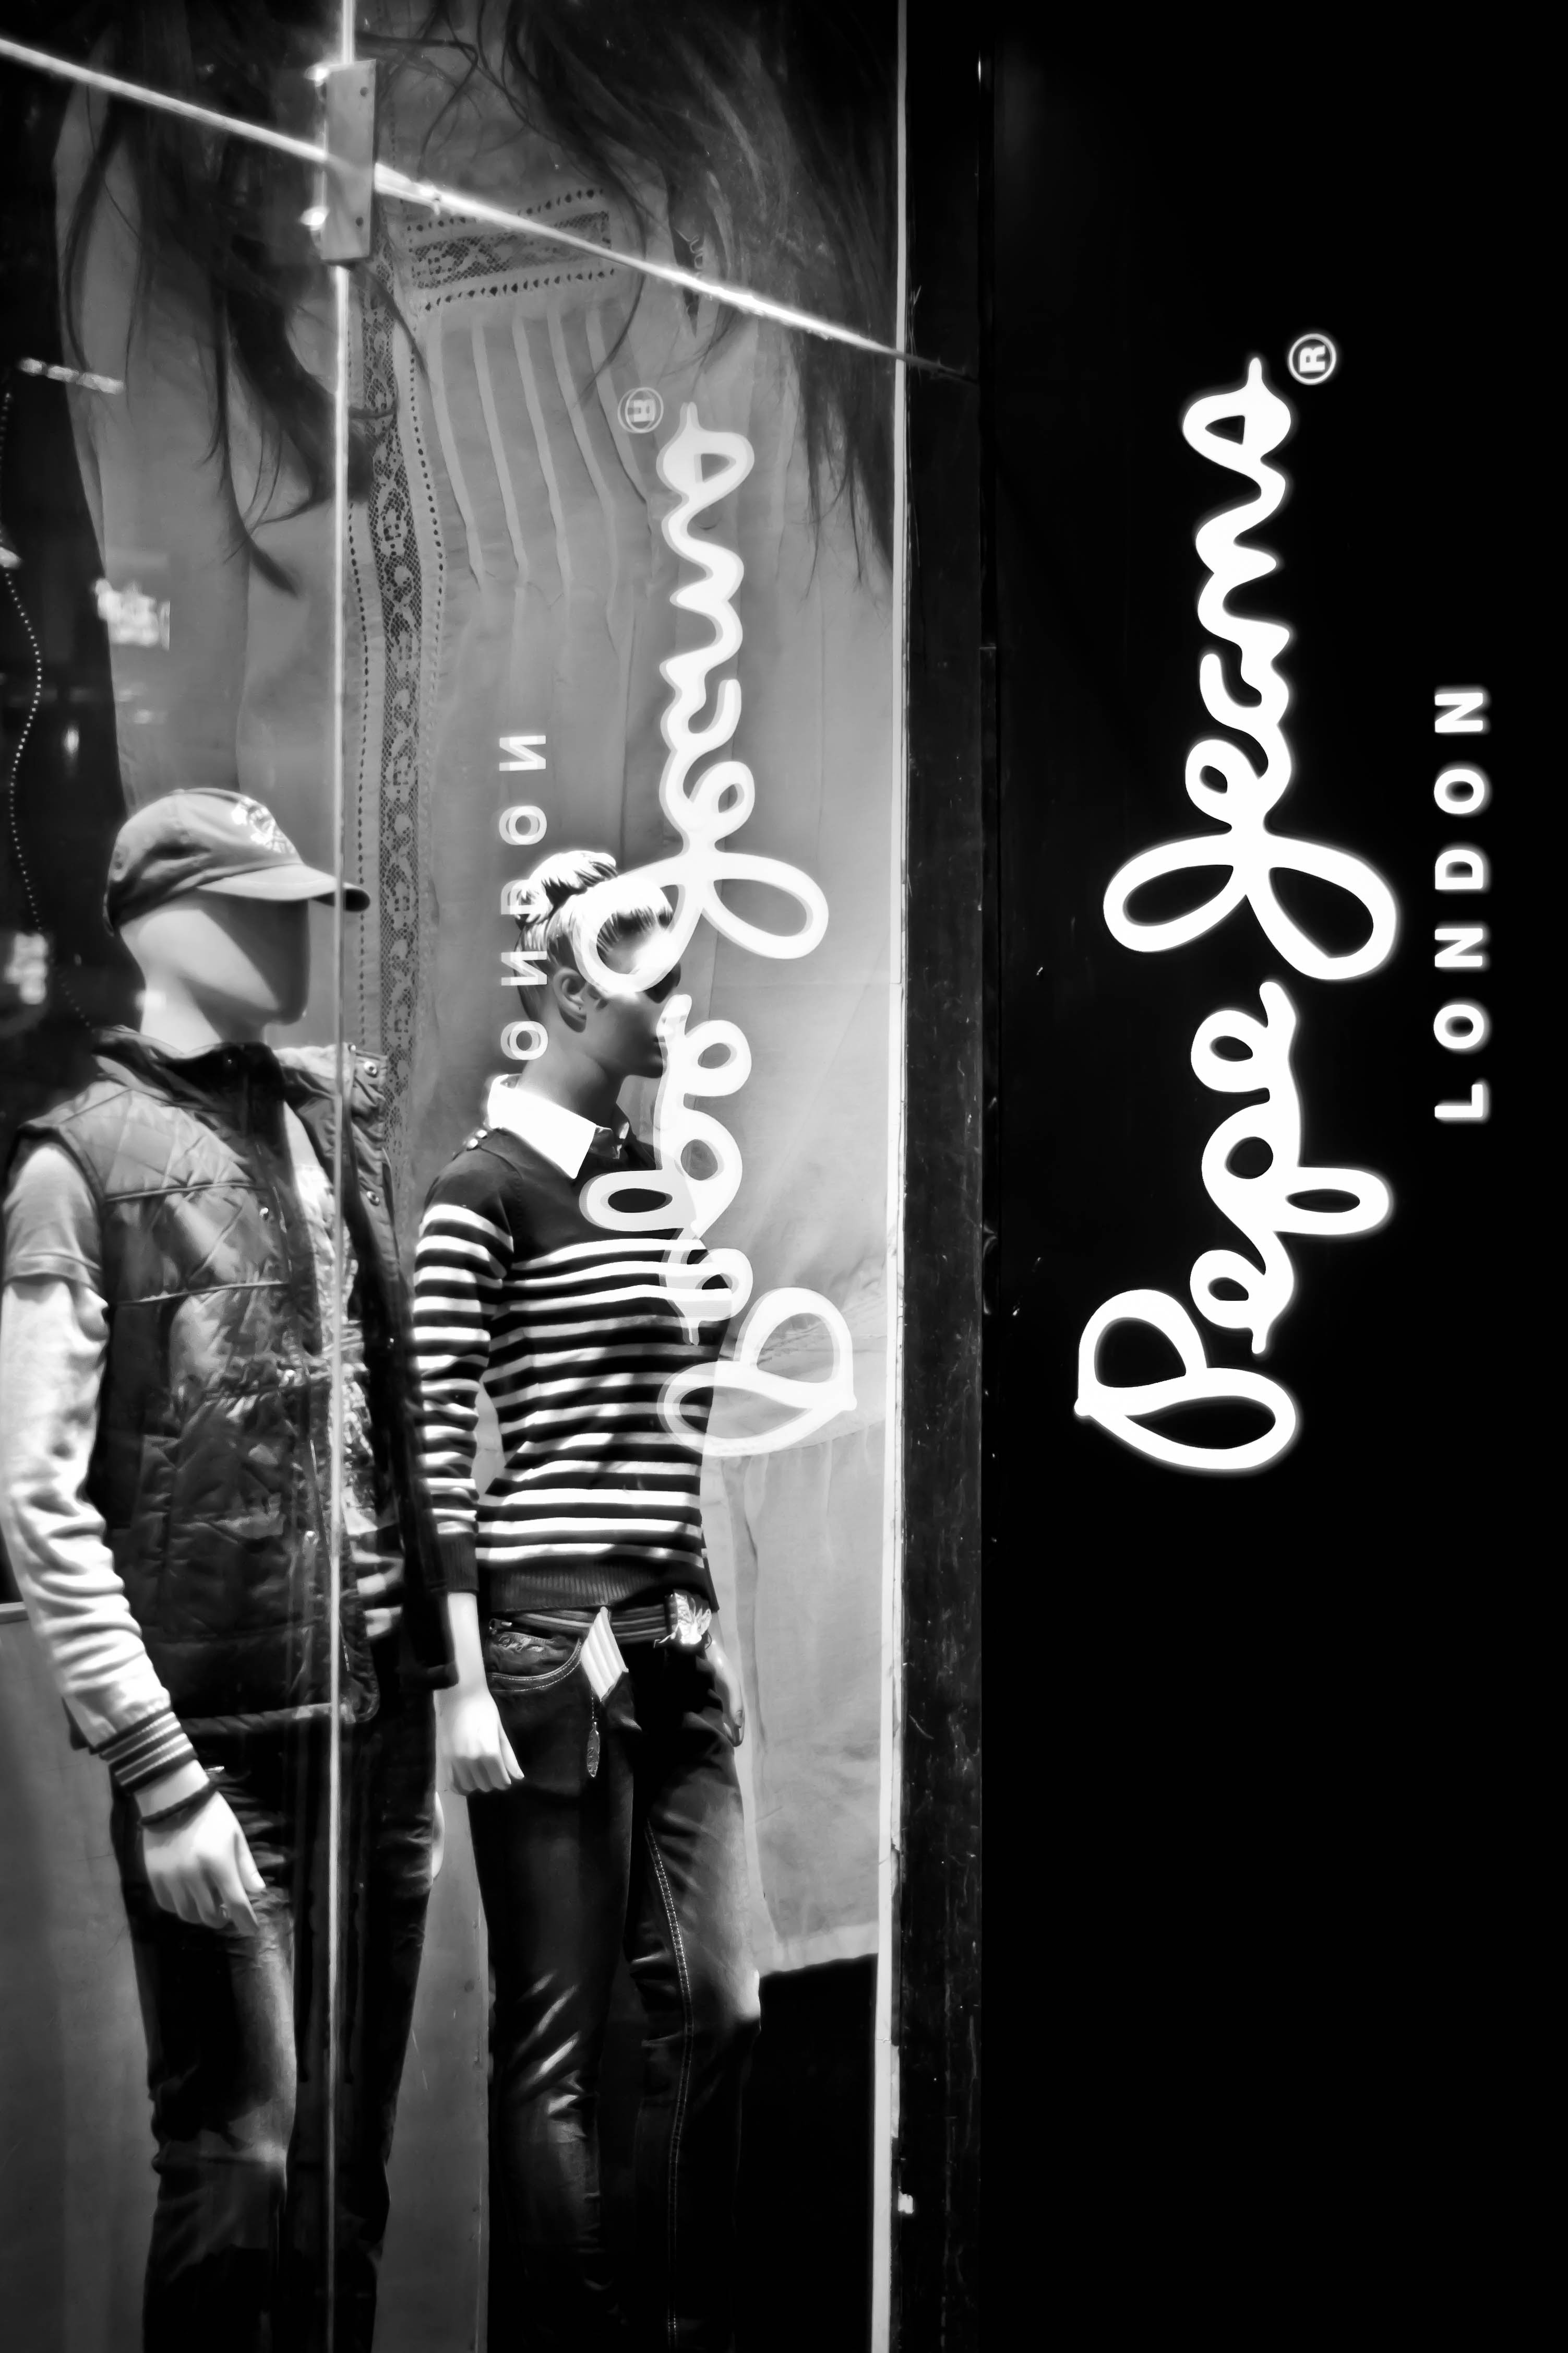 99e0a7c40 Pepe Jeans - Wikipedia